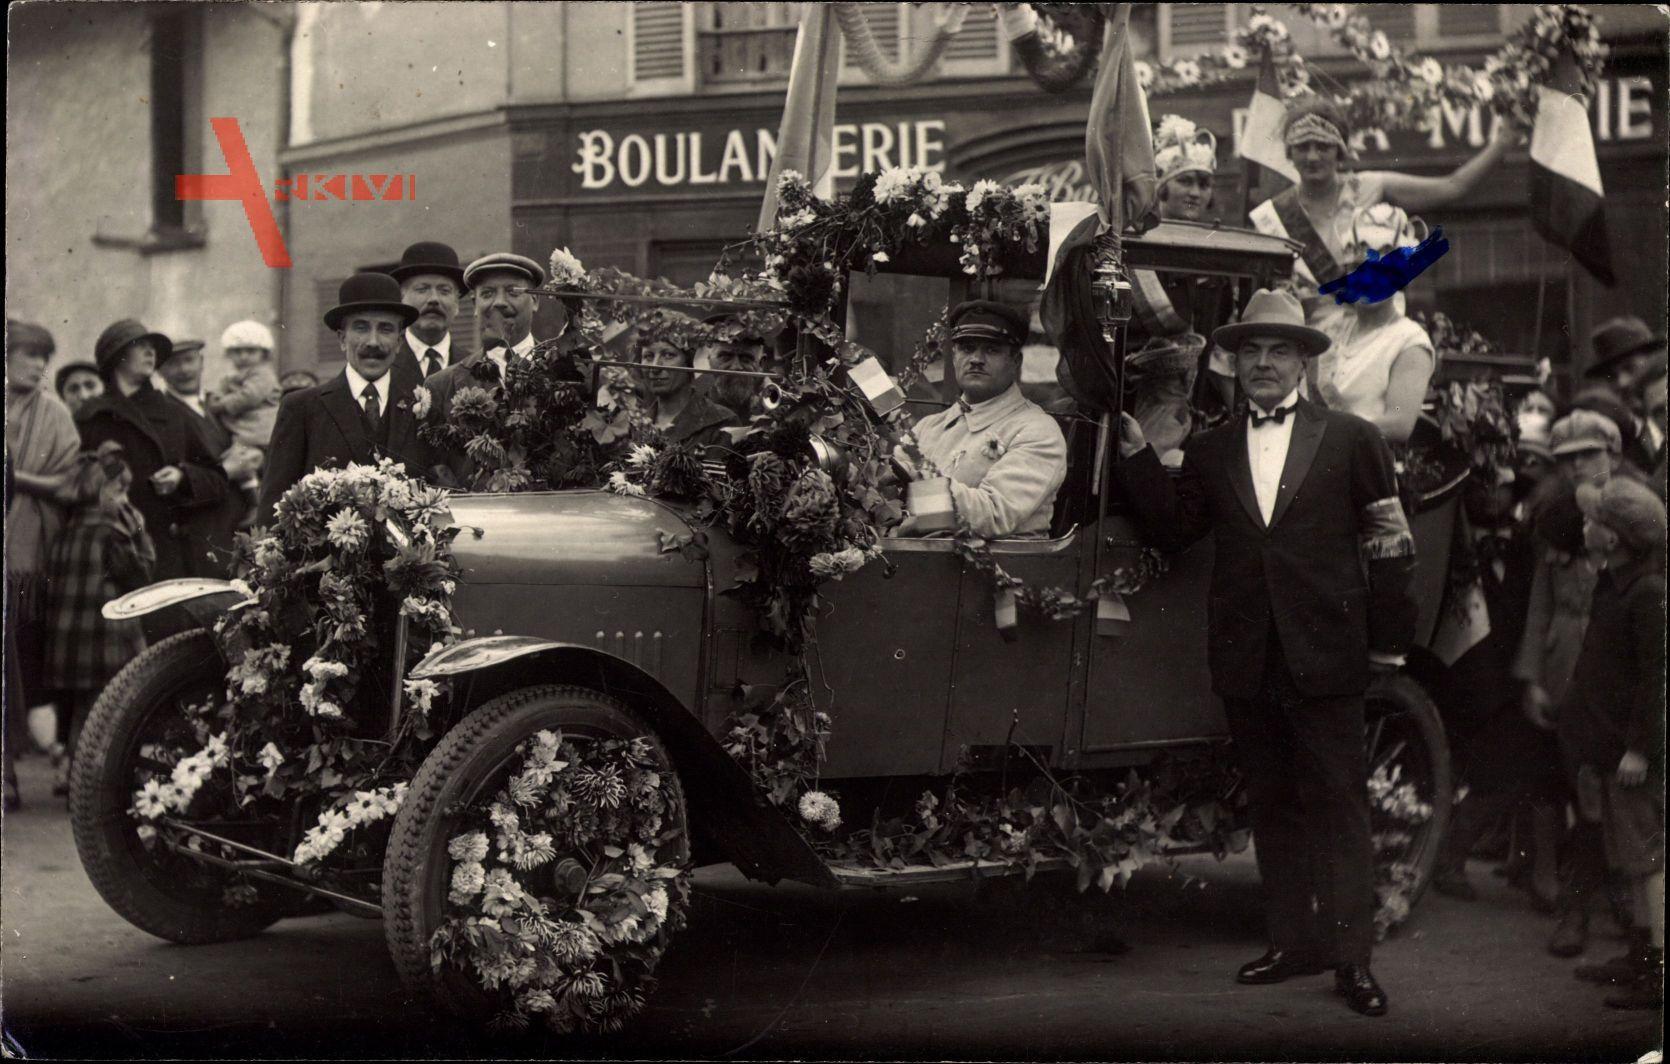 Frankreich, Automobil, Blumenbeschmückt, Straßenfest, Boulangerie